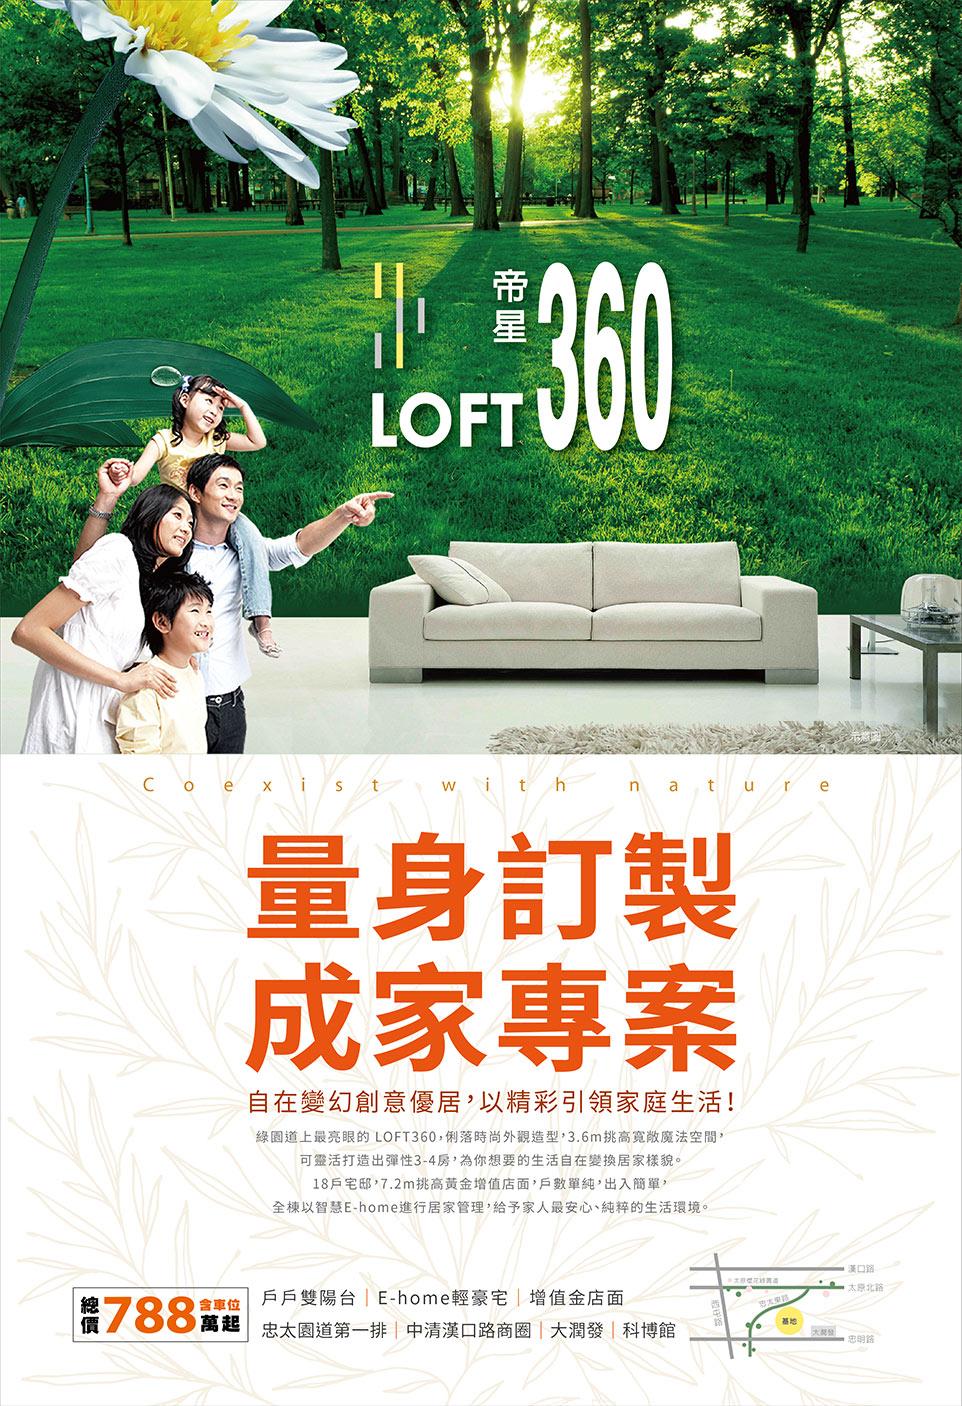 LOFT360